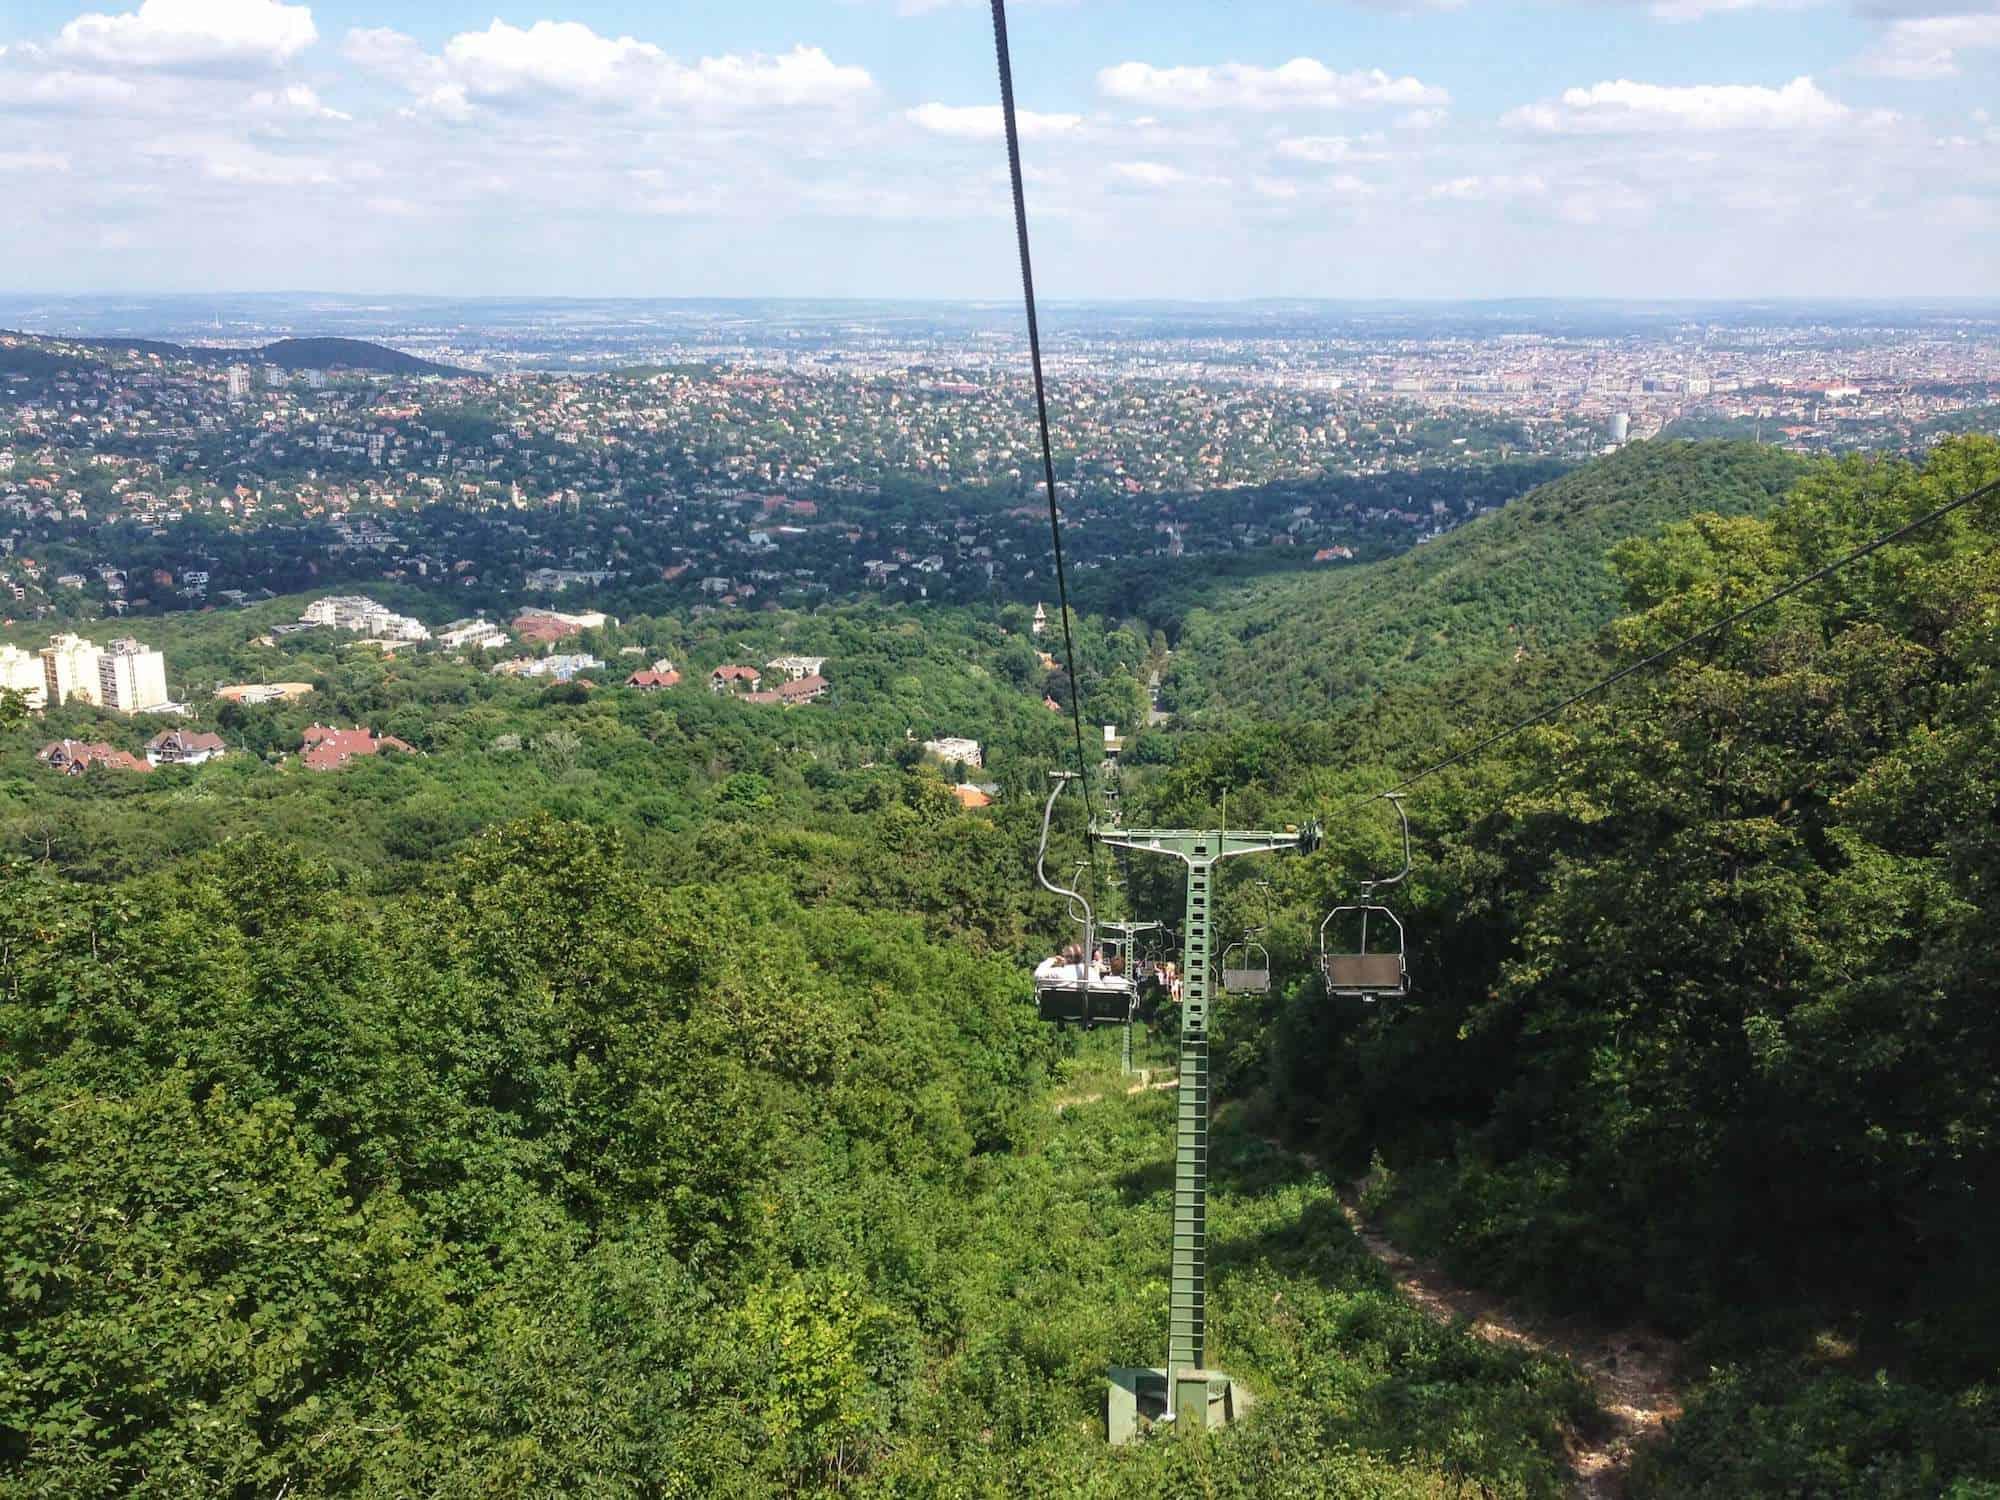 100 Ft-os jeggyel utazhatnak decemberben a gyerekek a Libegőn és a Budavári Siklón